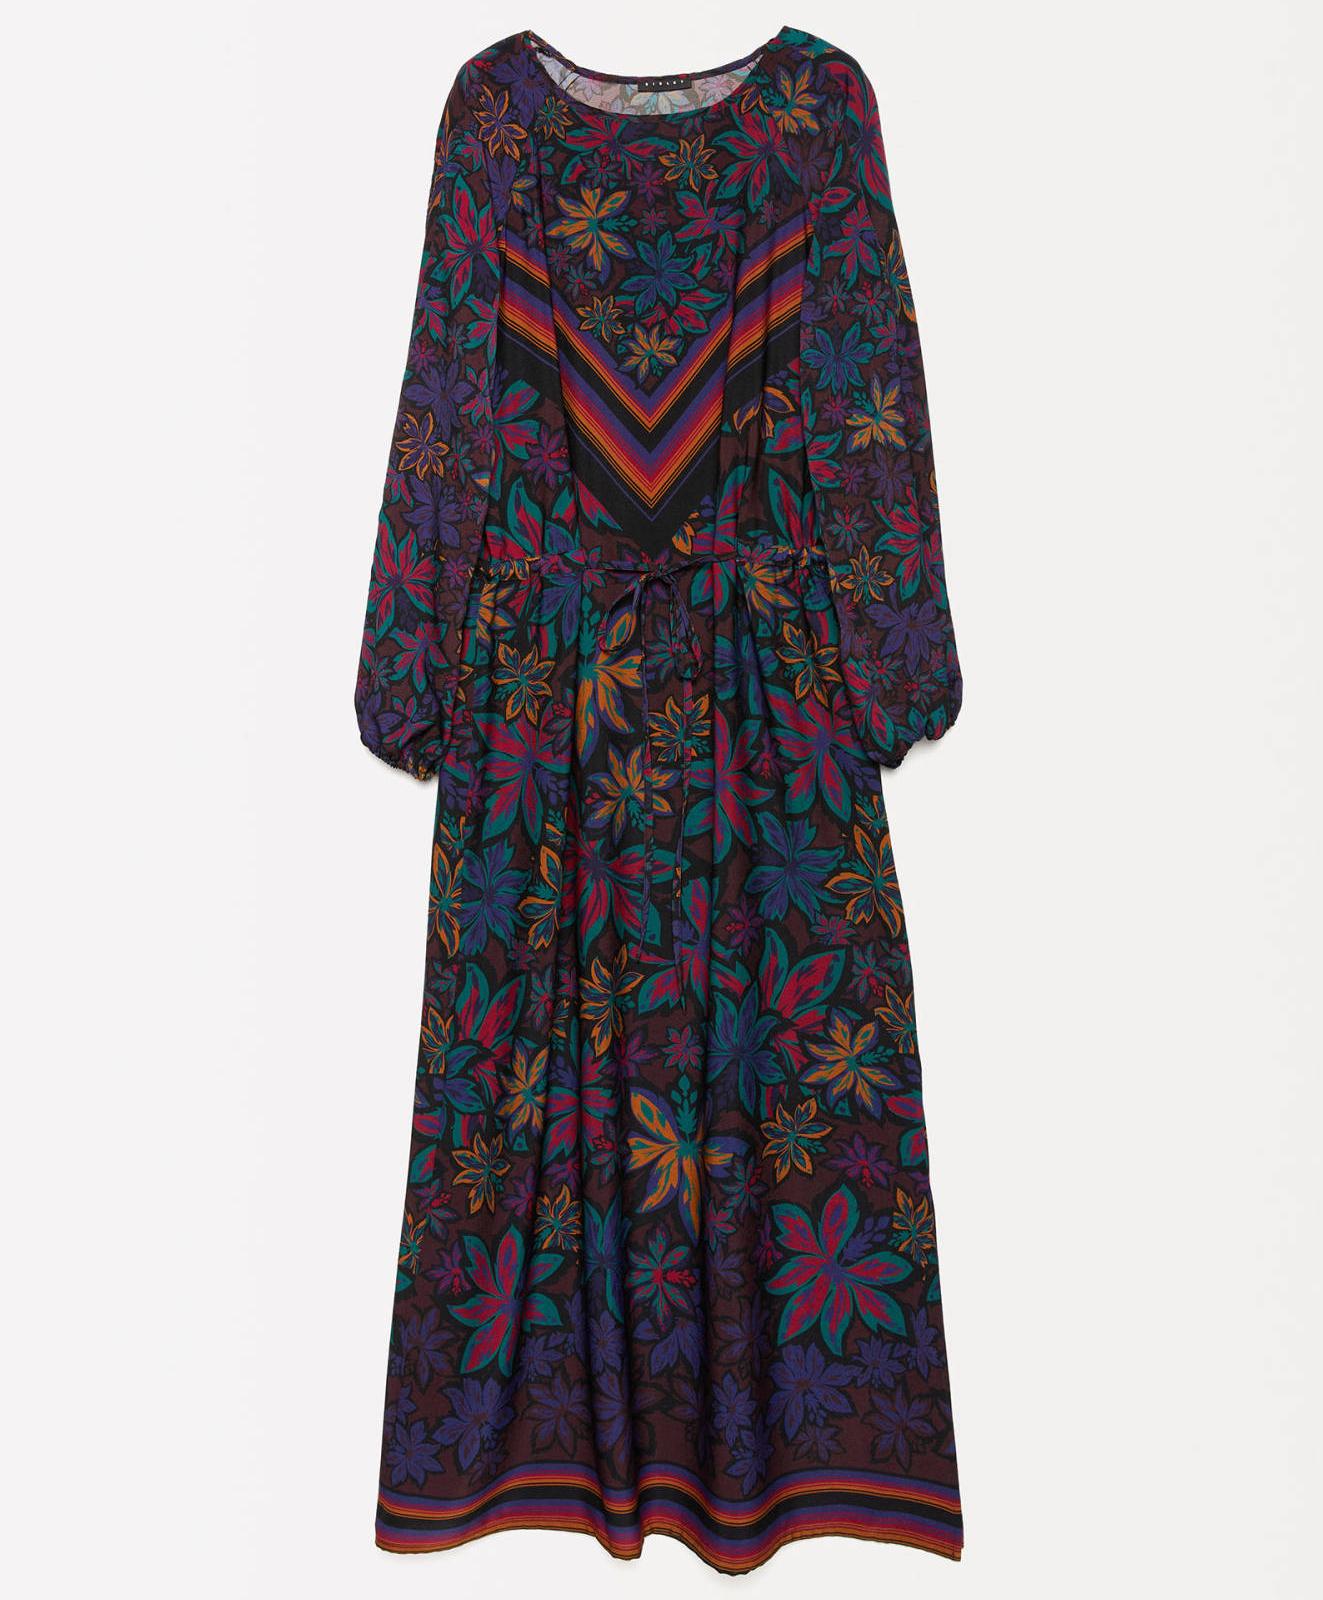 Франц маягаар шик хувцаслах нь: Өвлөөс хавар луу шилжихдээ Sisley-гээс бүрдүүлэх 8 төрх (фото 13)